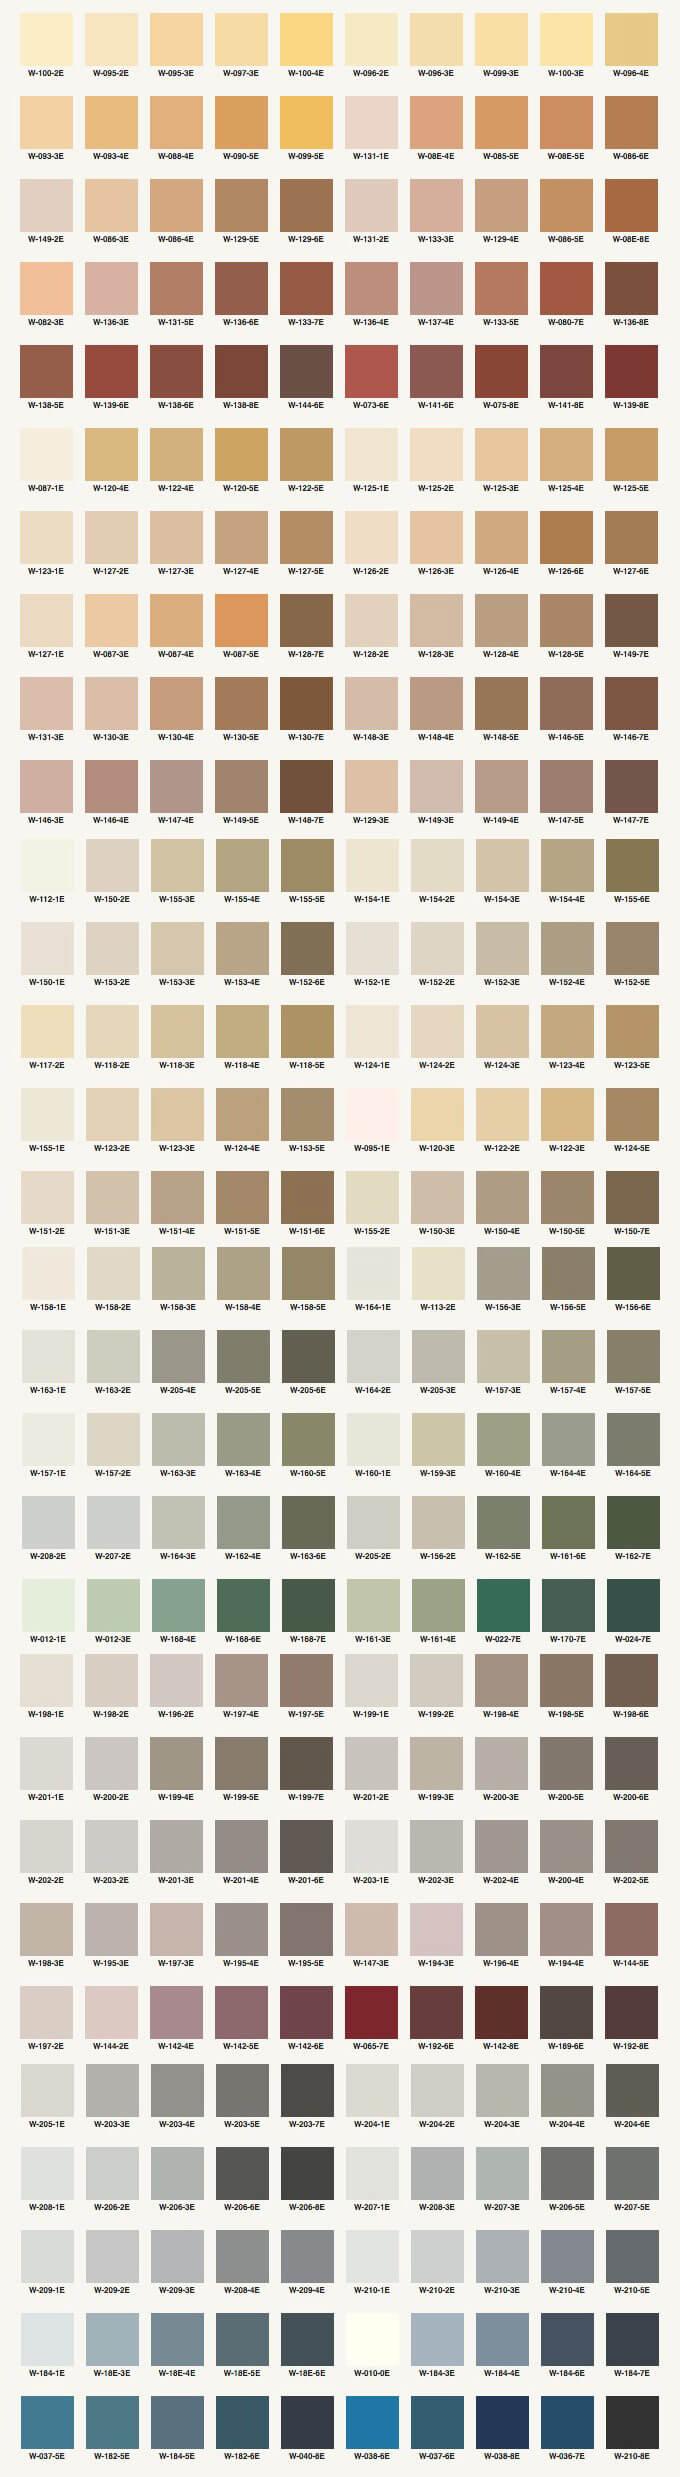 Adex - couleurs d'enduit d'acrylique pour bâtiment